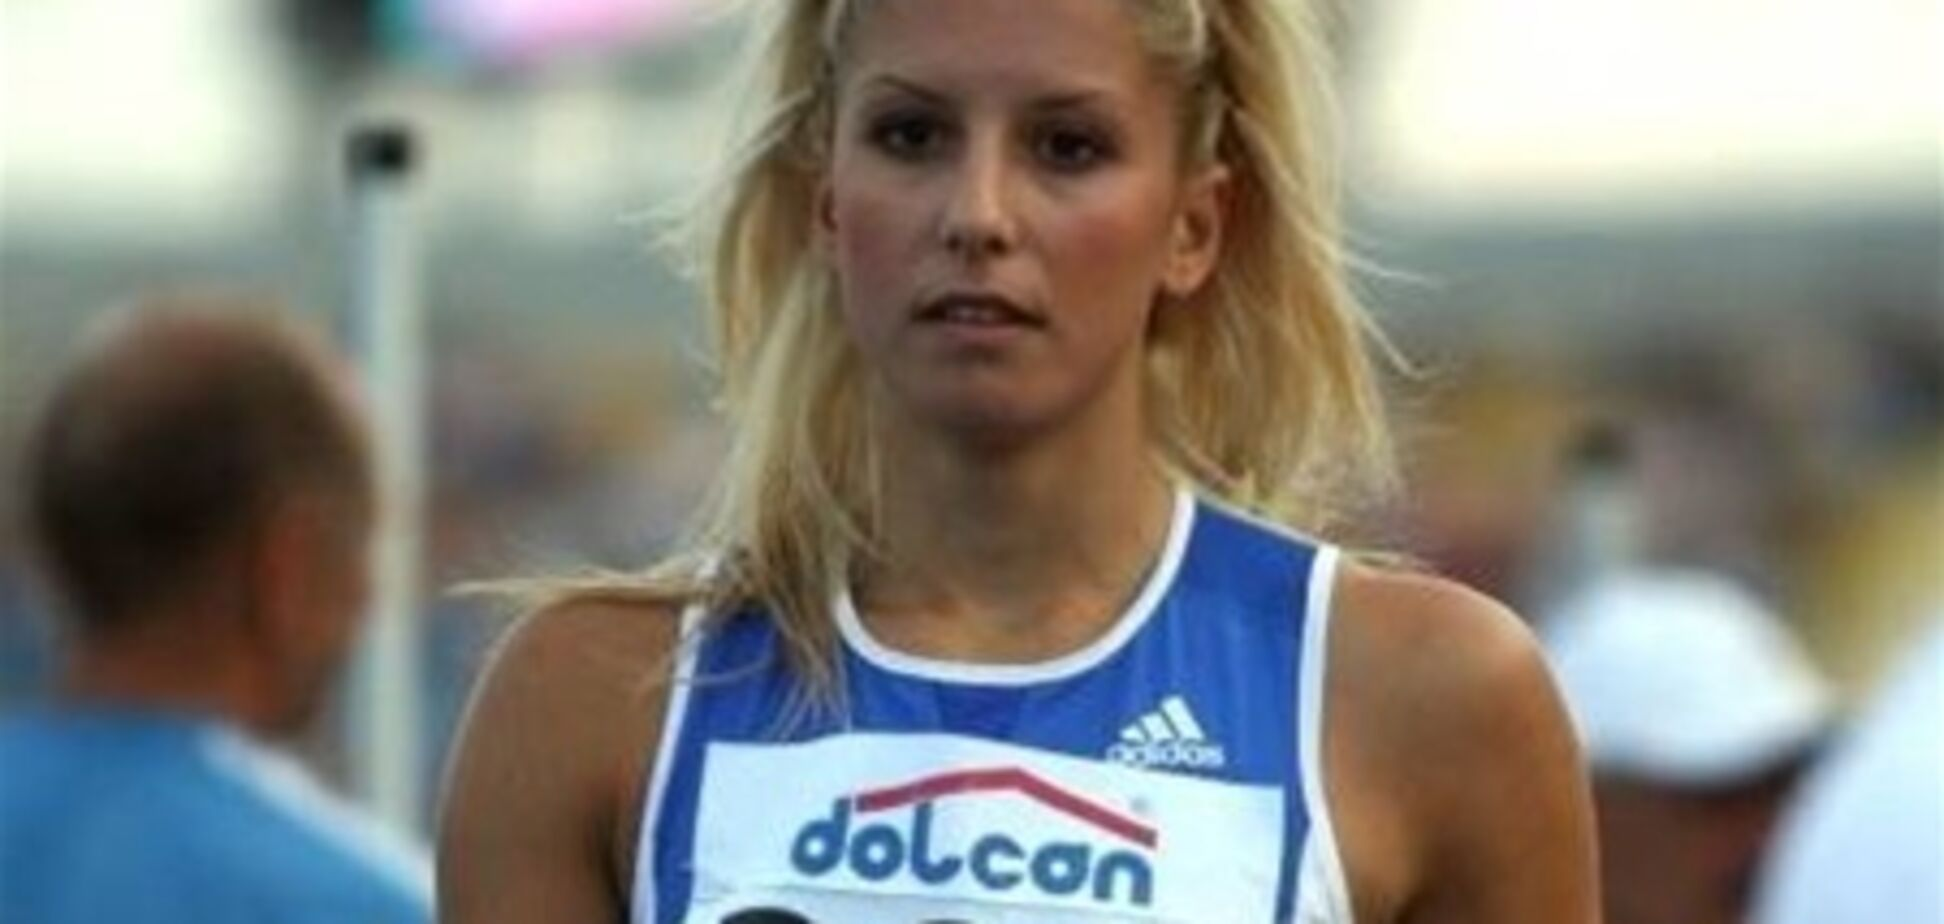 Греческую спортсменку исключили из олимпийской сборной из-за твитта